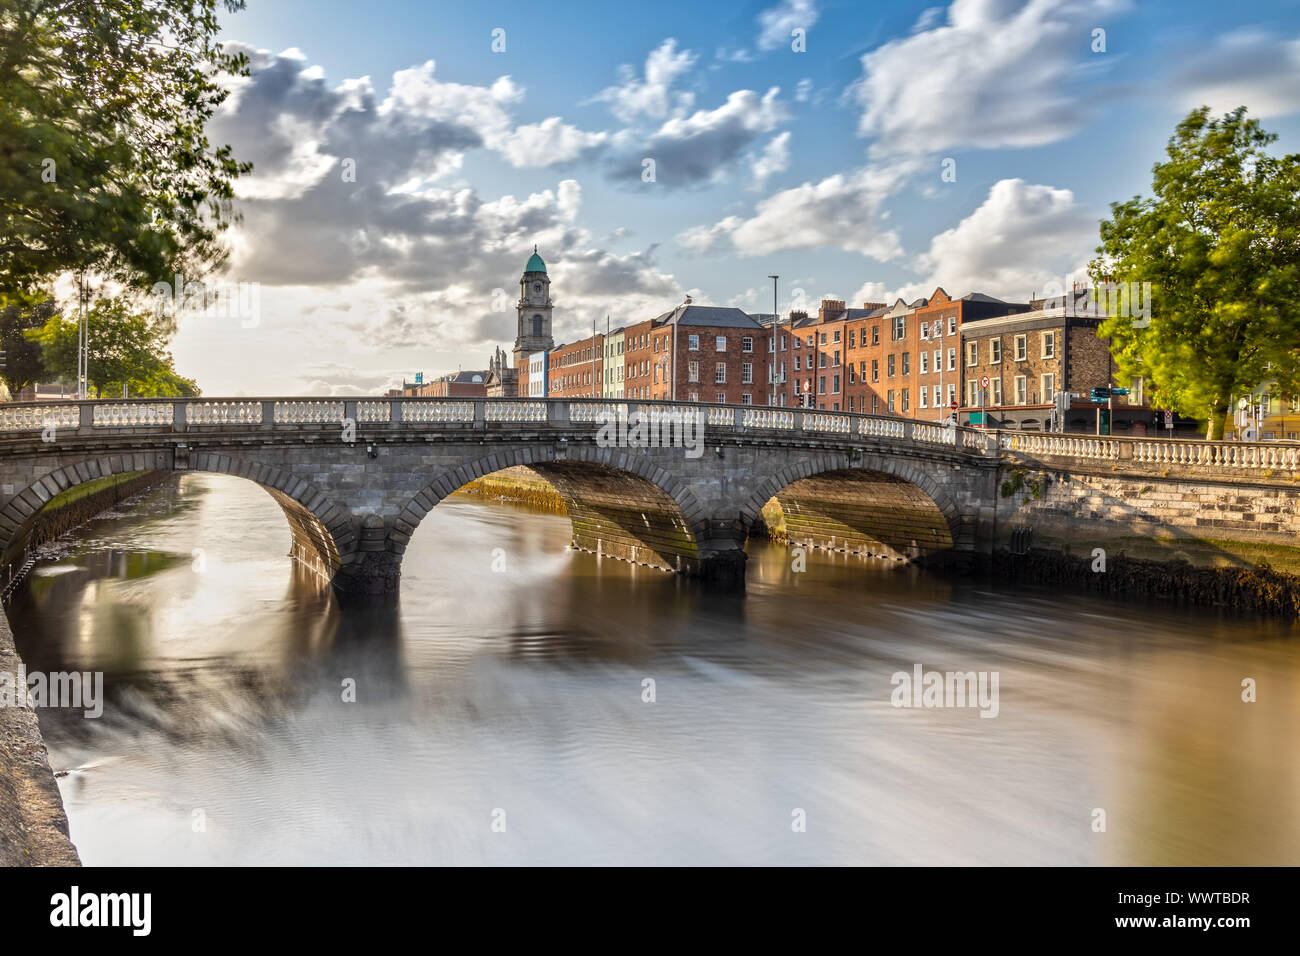 Chiesa di San Paolo e il fiume Liffey a Dublino, Irlanda Foto Stock